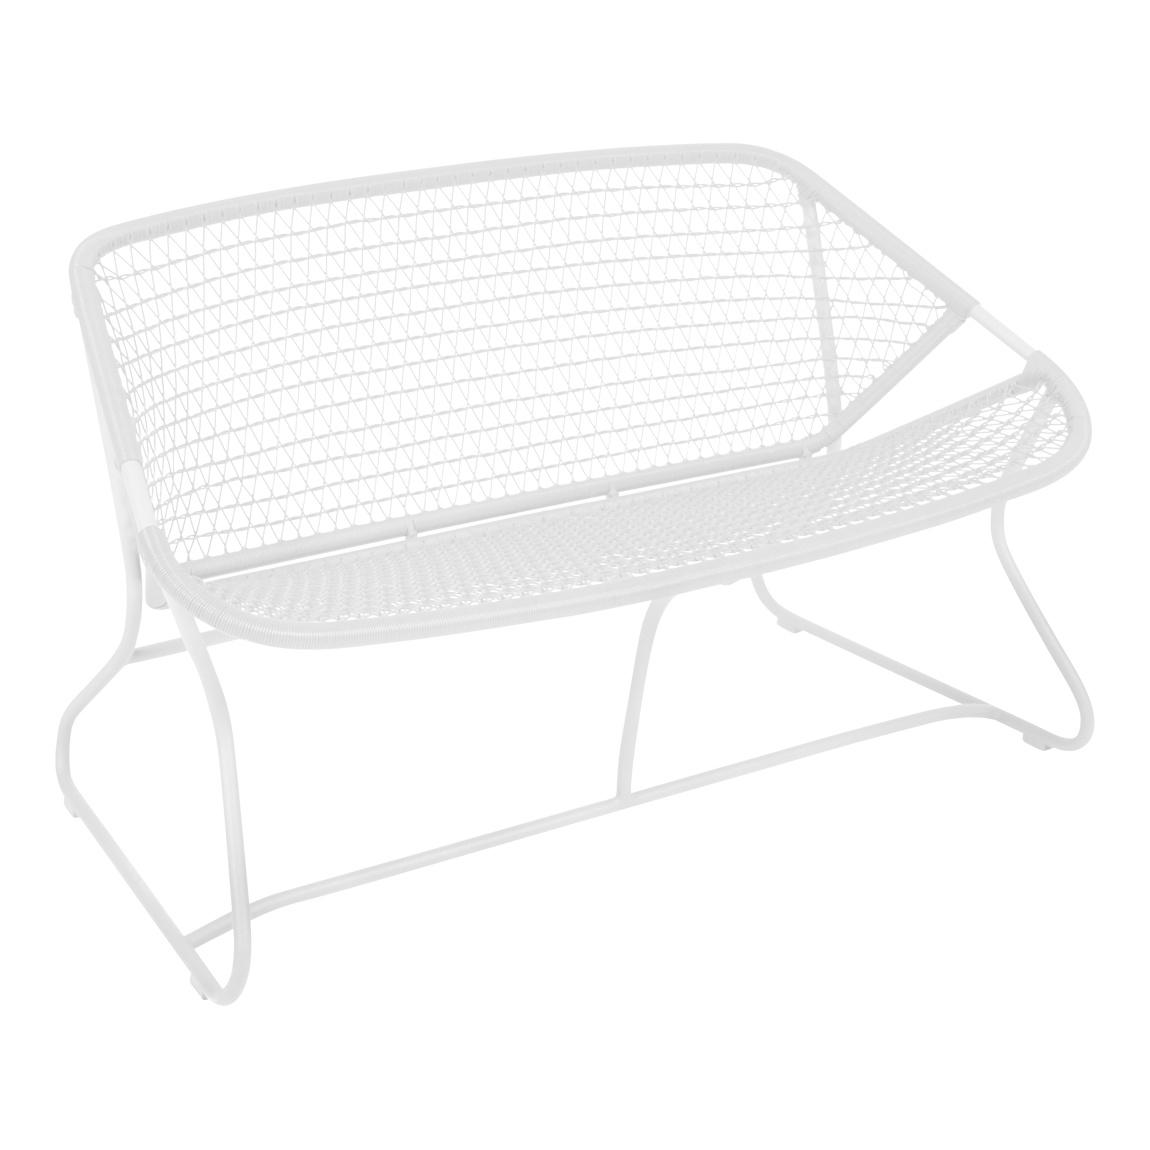 Fermob - Sixties Gartenbank - baumwollweiß/texturiert/Sitzfläche Polyethylen/UV-beständig | Garten > Gartenmöbel > Gartenbänke | Fermob